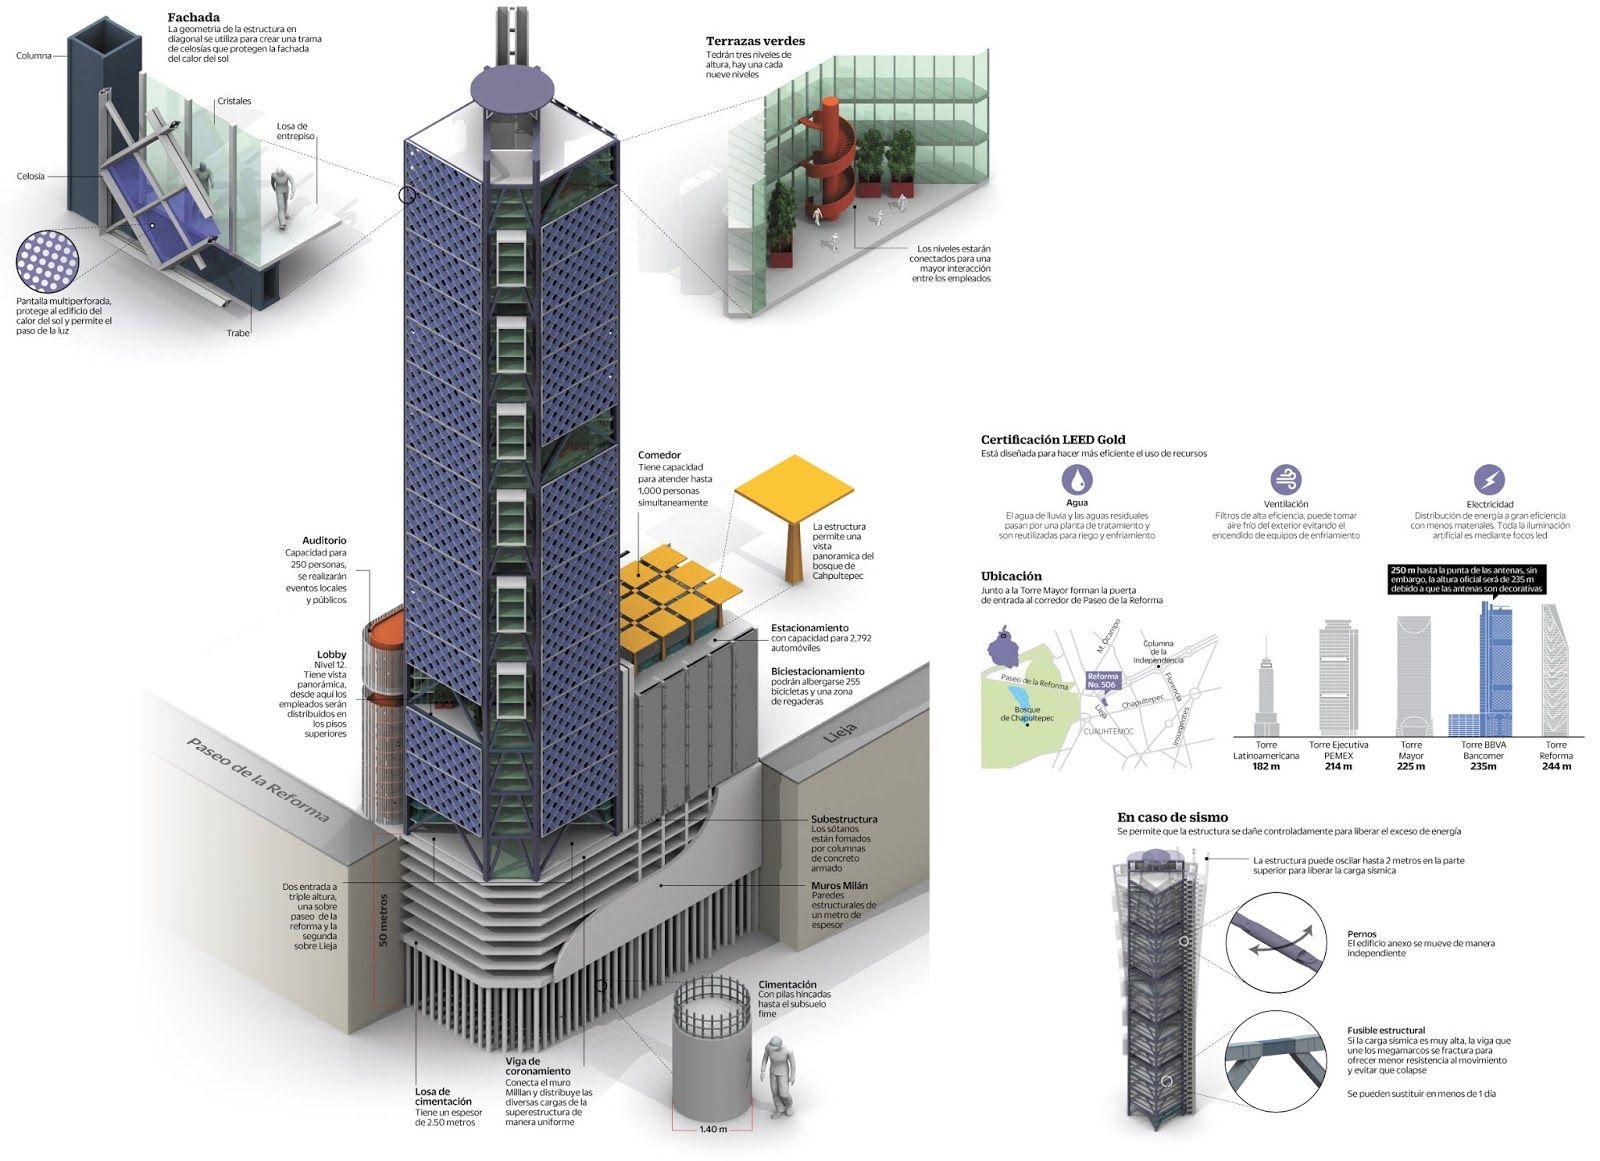 Bancomer: Revista Esencia Y Espacio